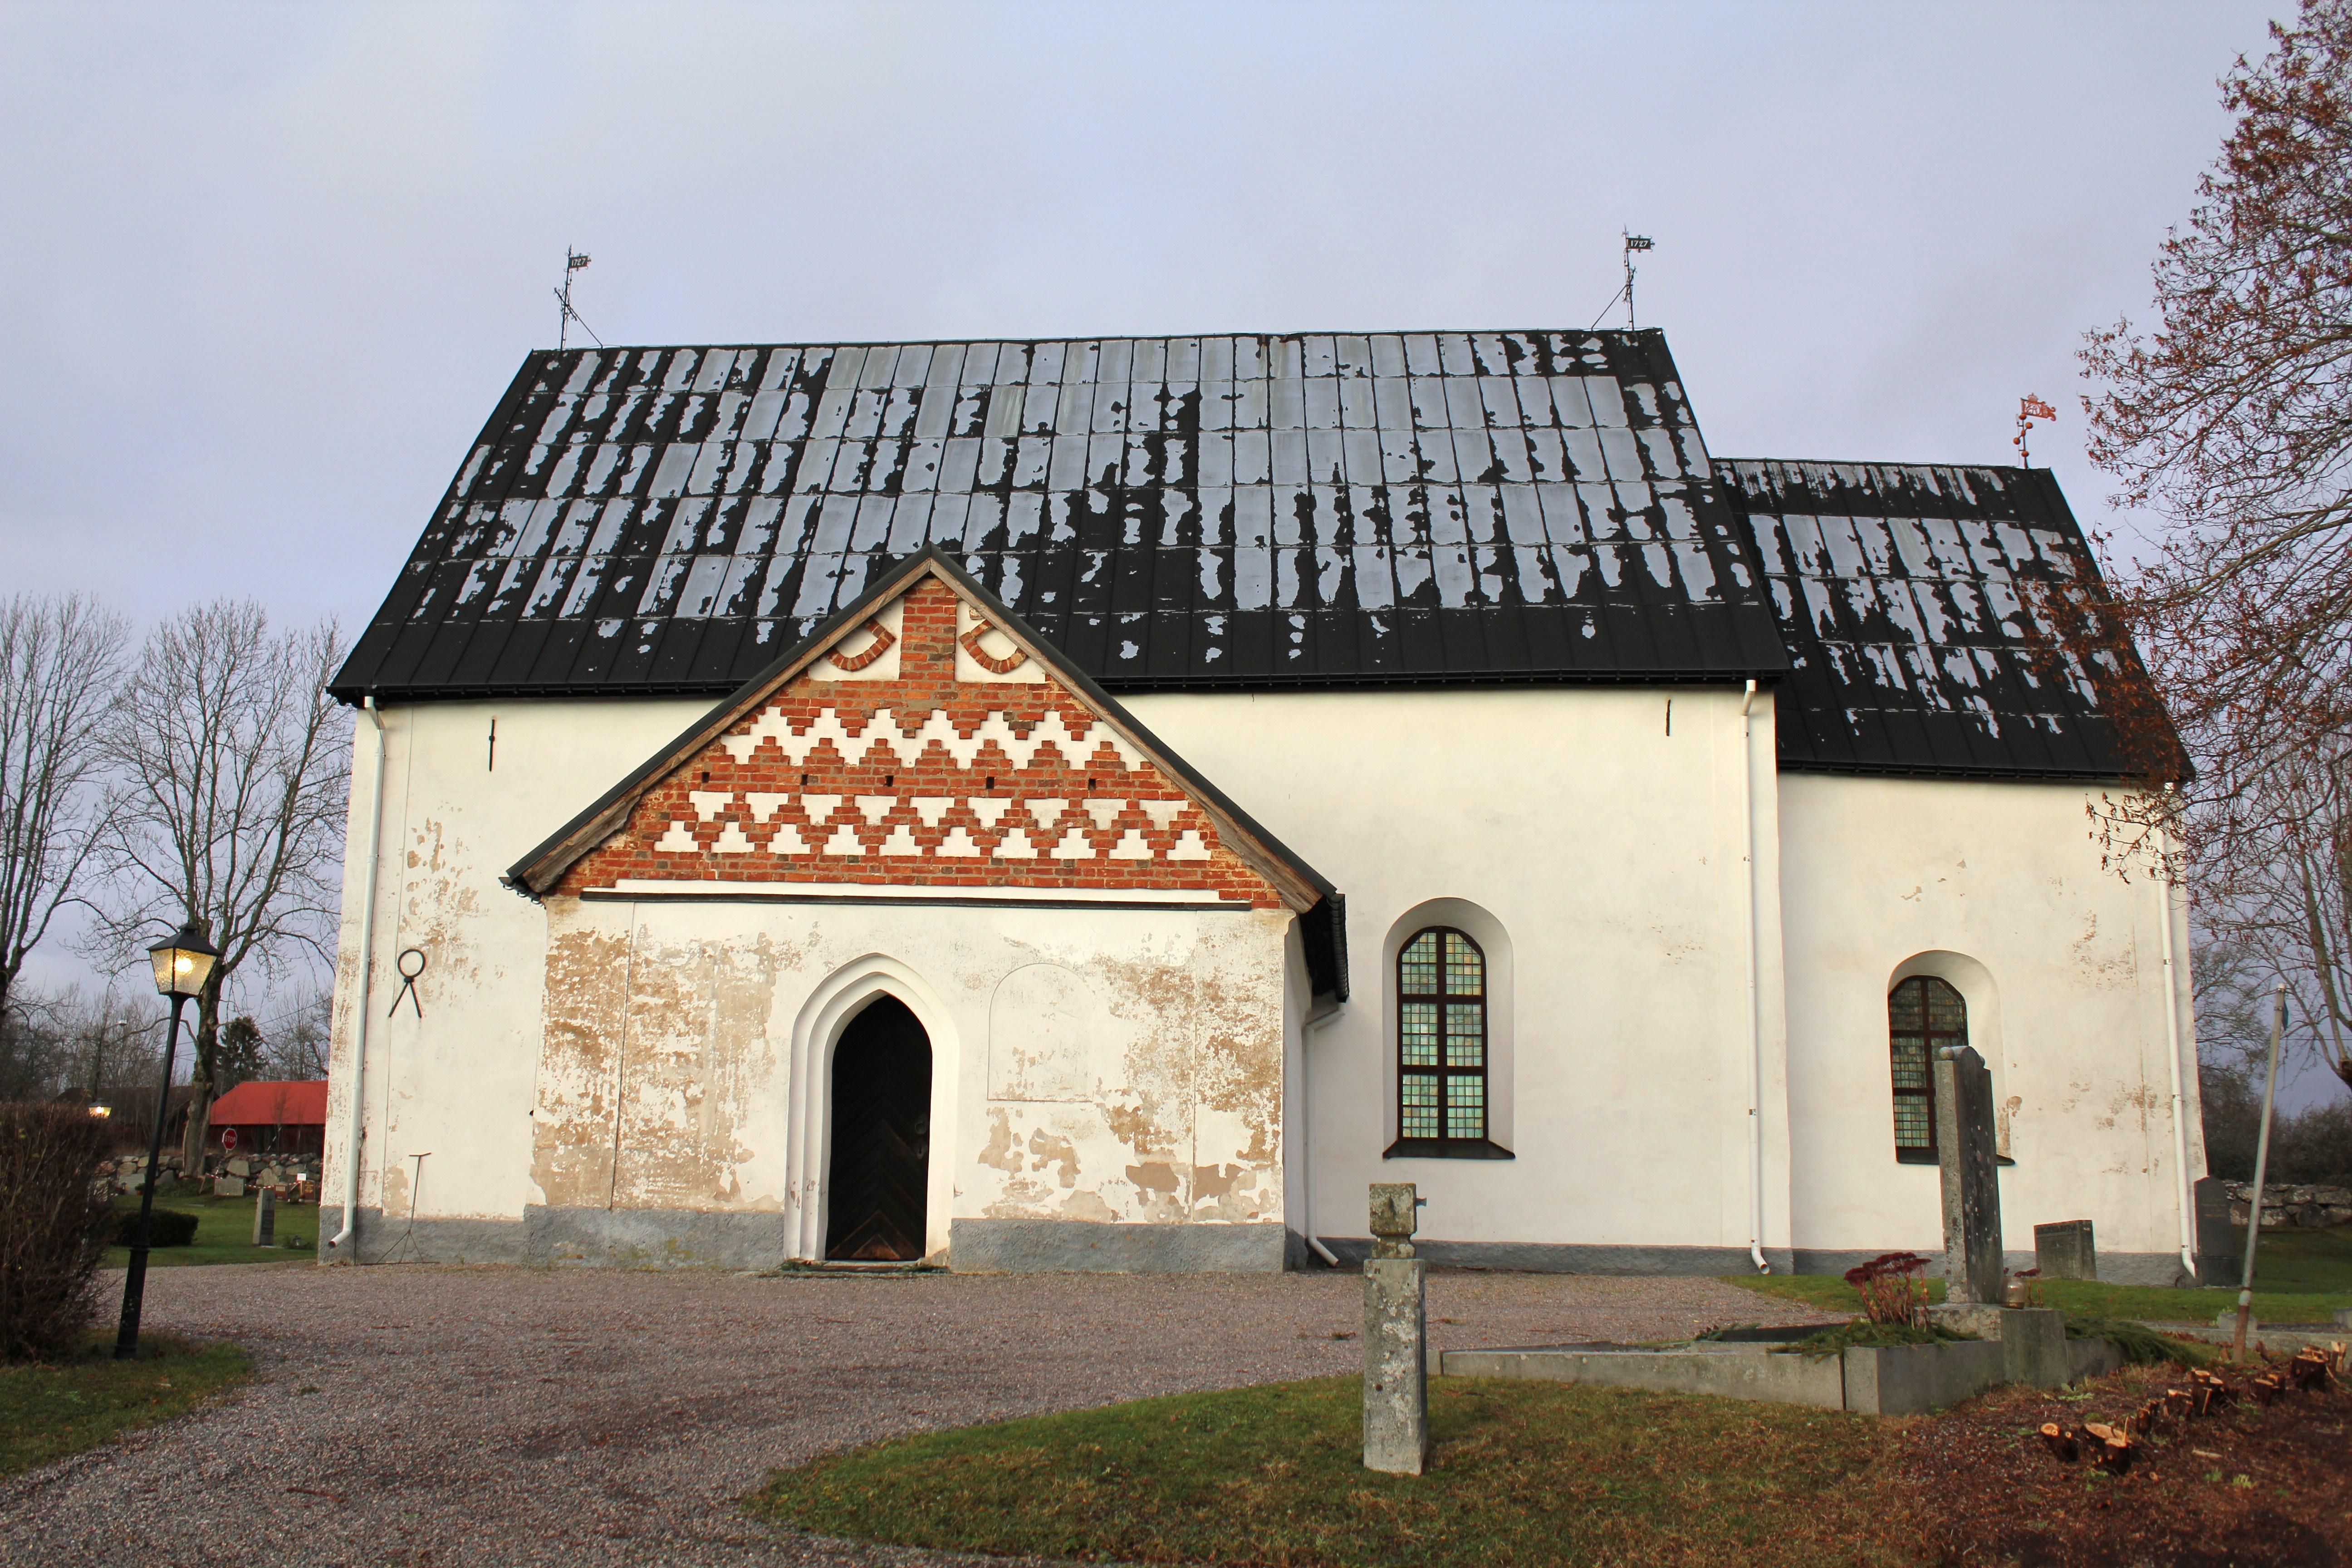 Estuna och Sderby-Karls kyrkor i Uppland - Samla